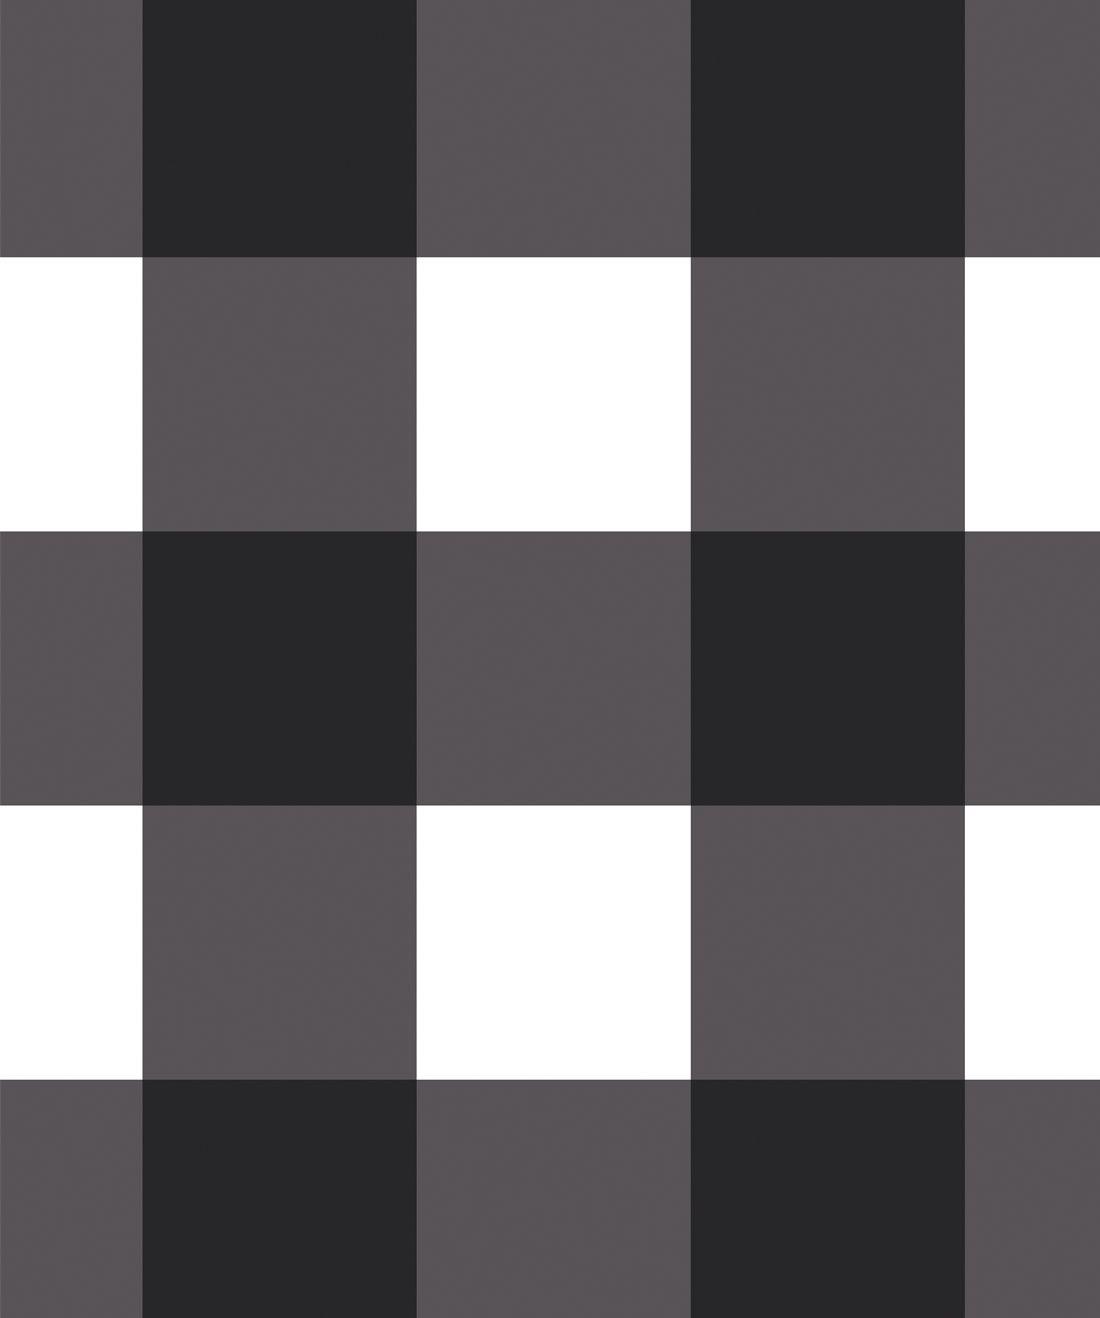 Mel's Buffalo Check Wallpaper • Black & White Plaid Wallpaper Swatch